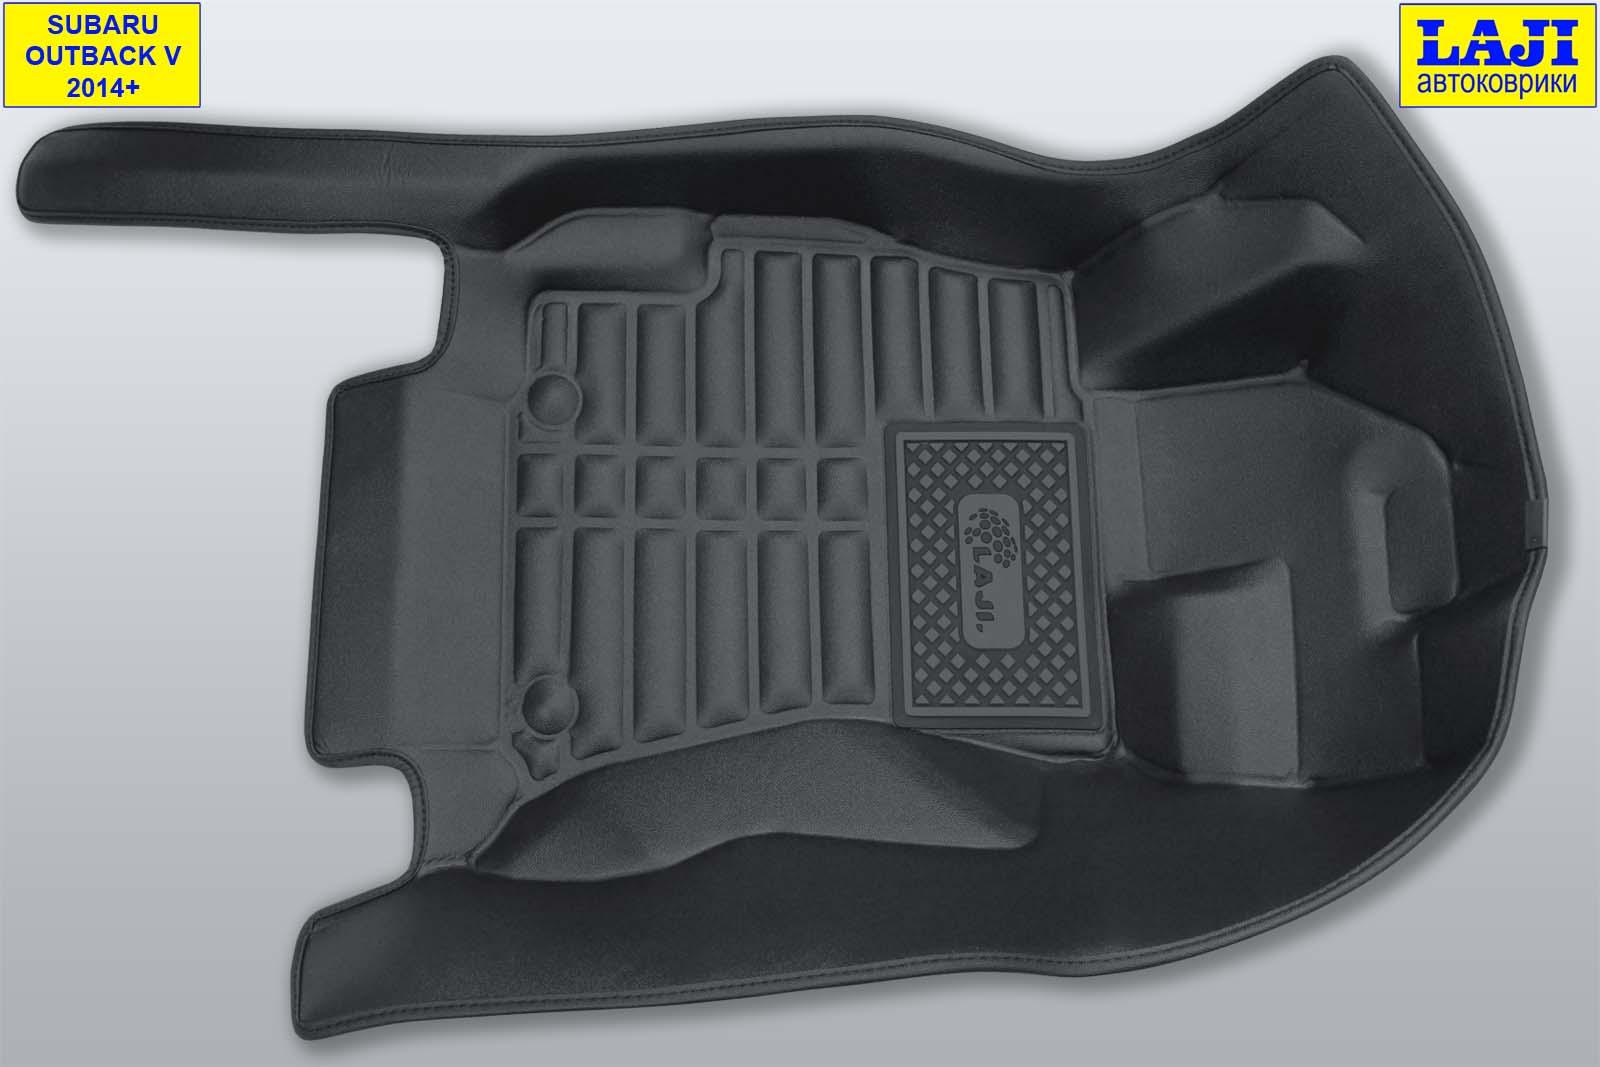 5D коврики в салон Subaru Outback V 2014-н.в. 2